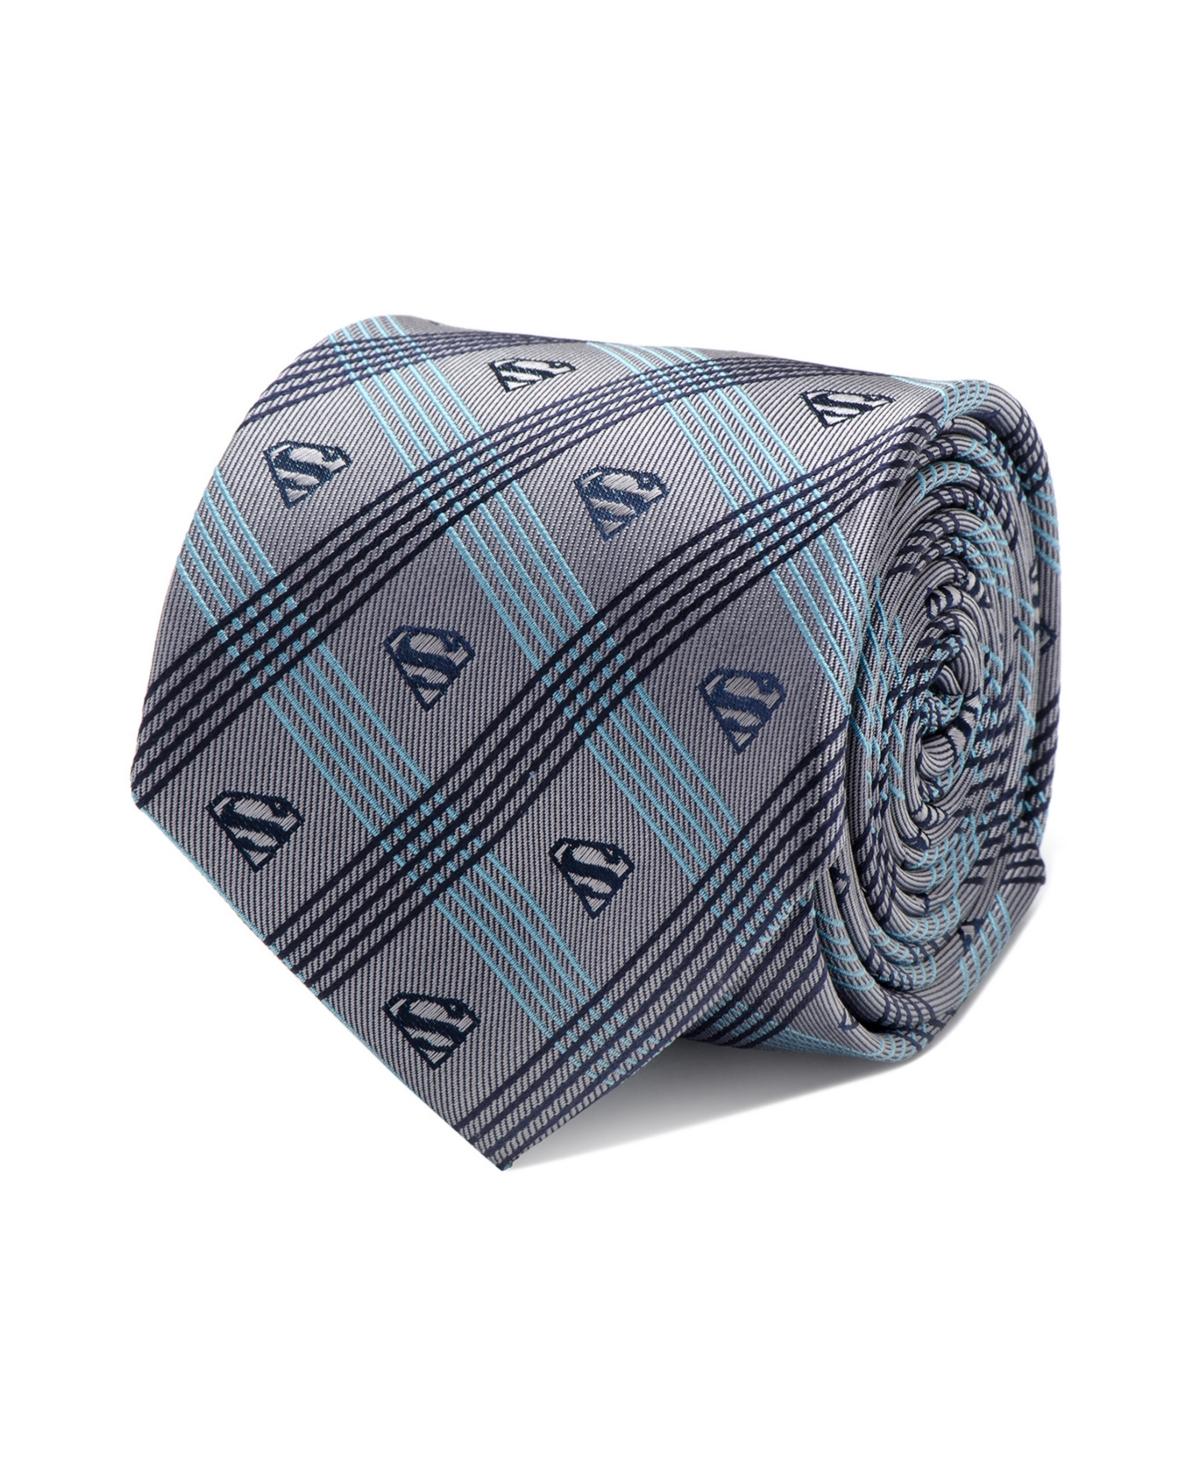 Dc Comics Superman Plaid Men's Tie